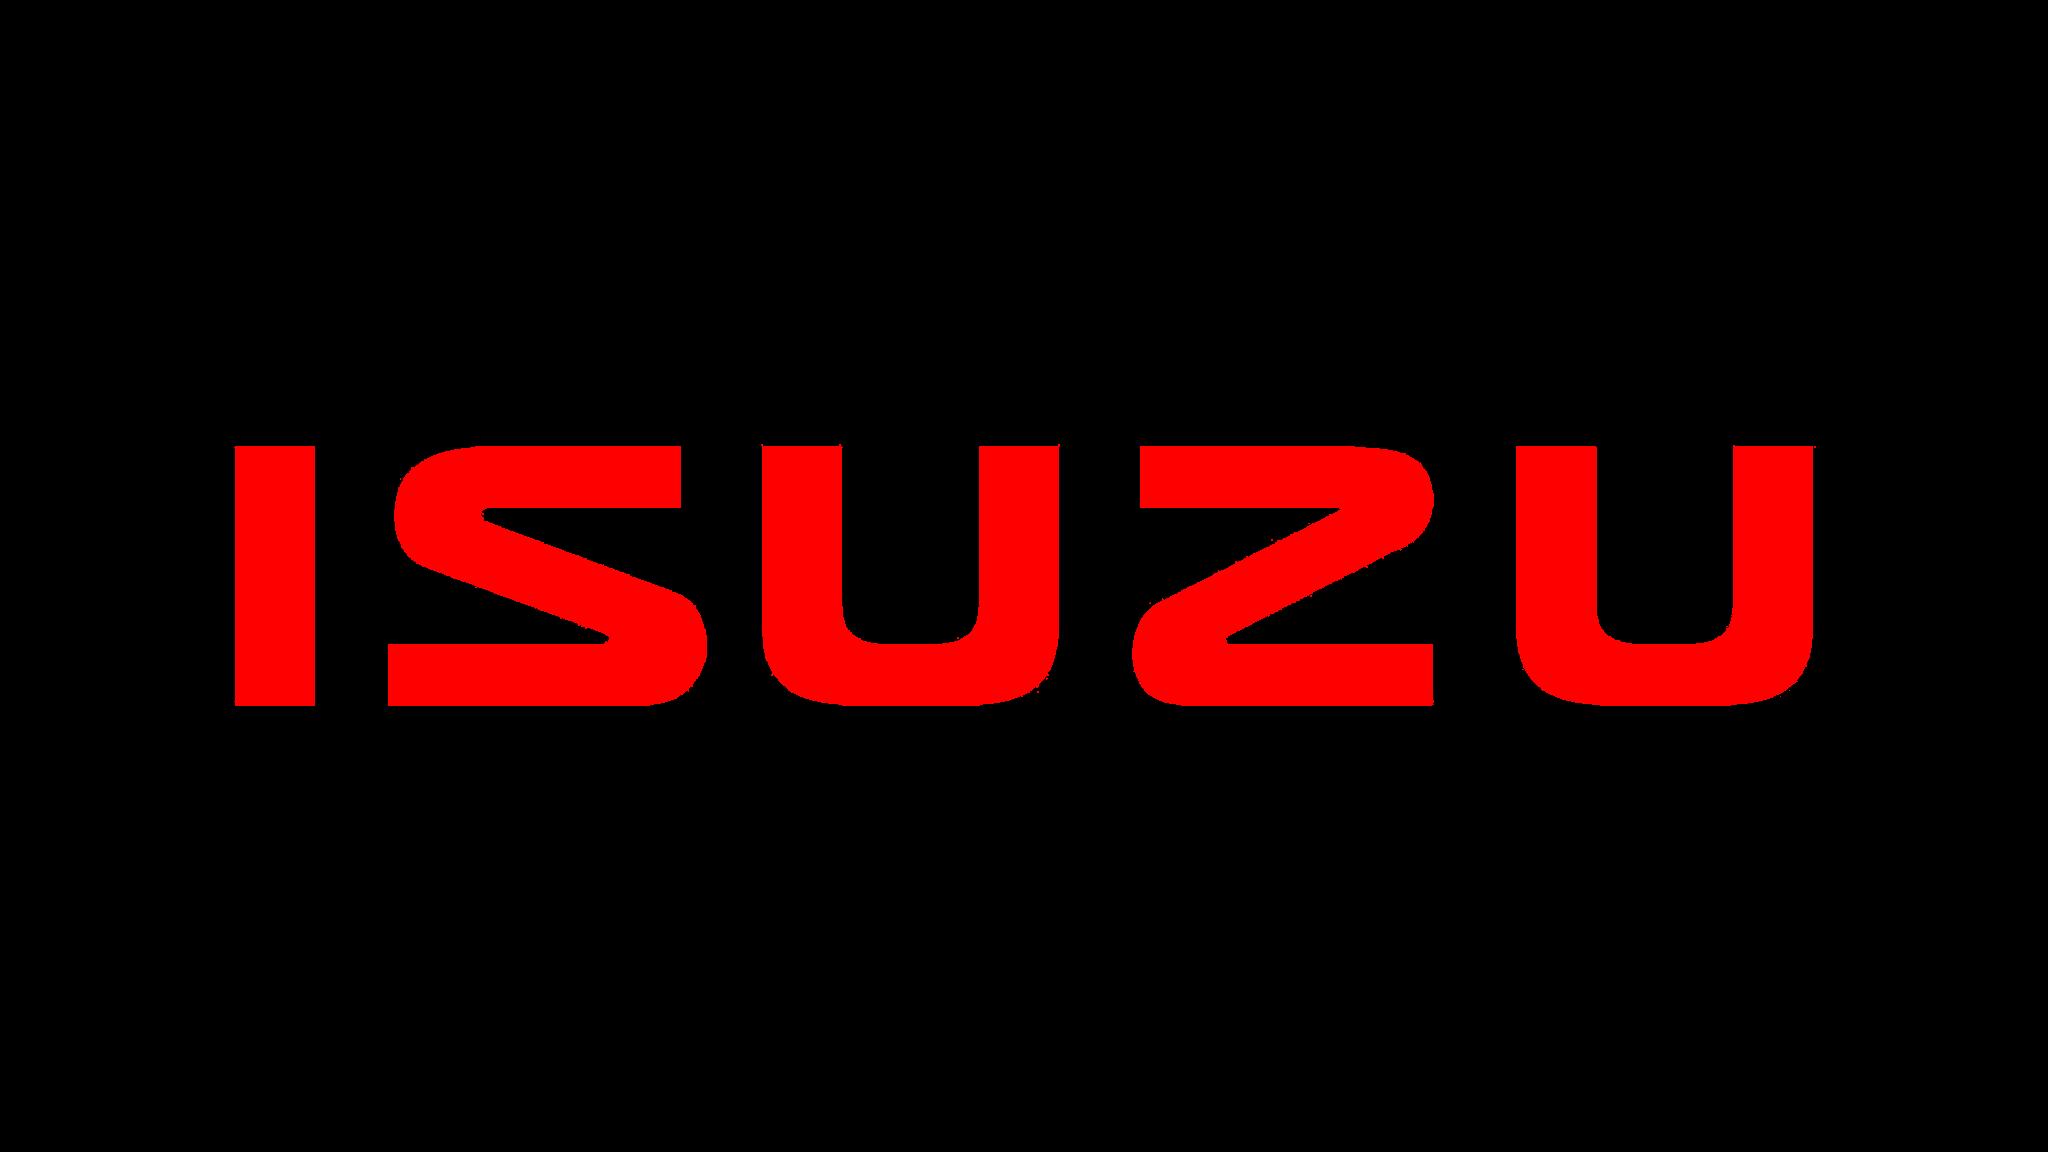 Isuzu - Top những xe 5 chỗ đáng mua nhất